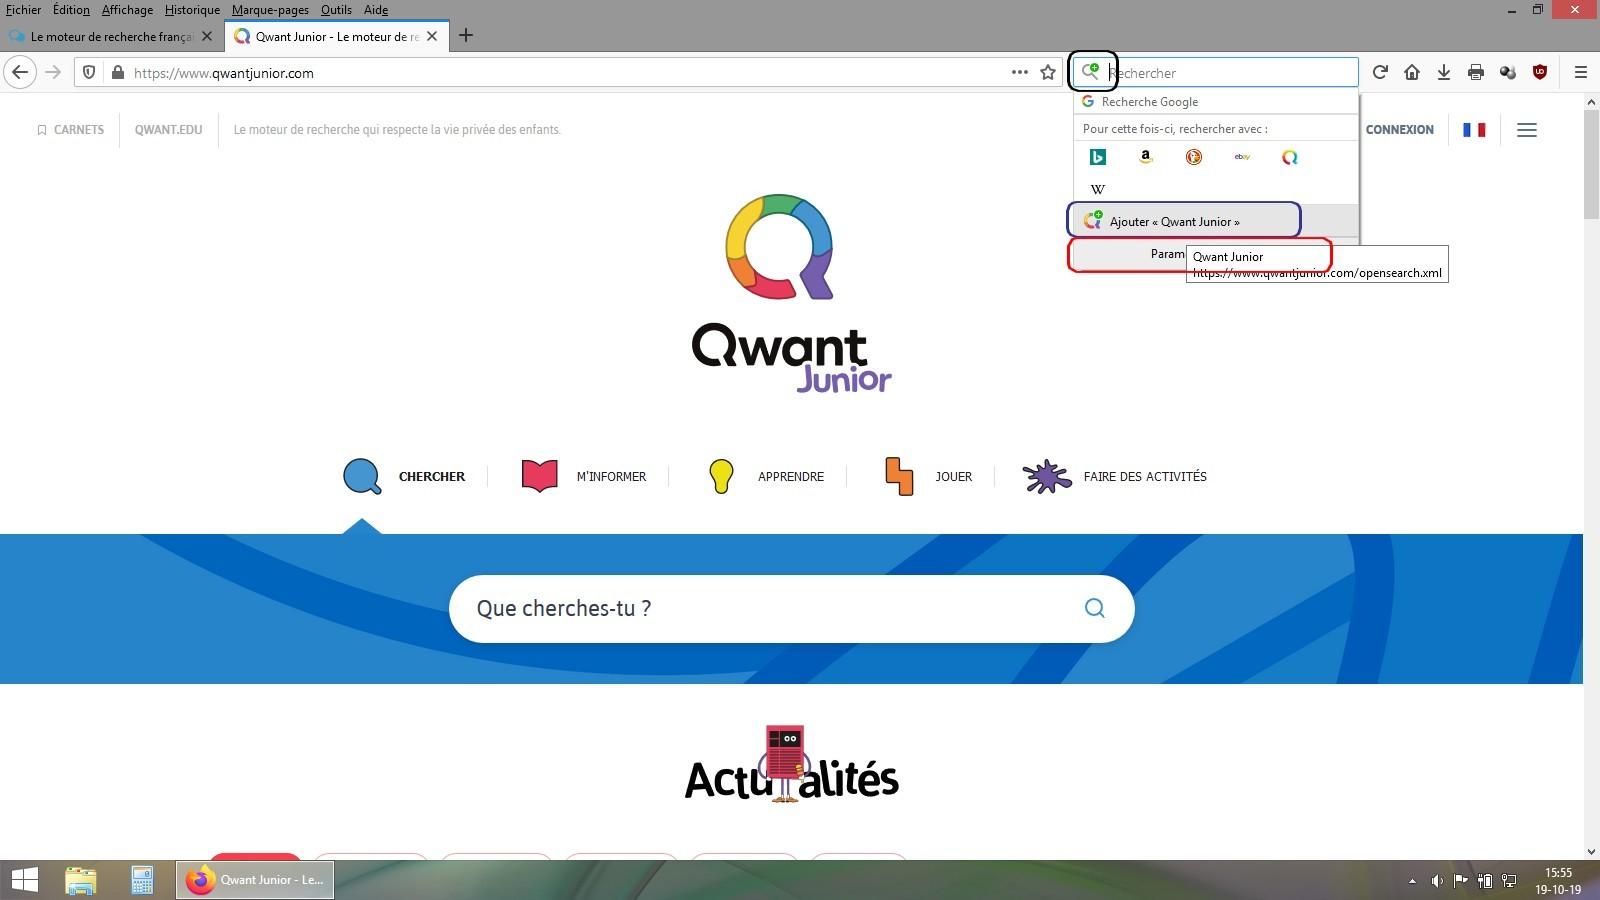 Le moteur de recherche français Qwant lance une nouvelle version de sa déclinaison dédiée aux enfants, Qwant Junior Sans_t21